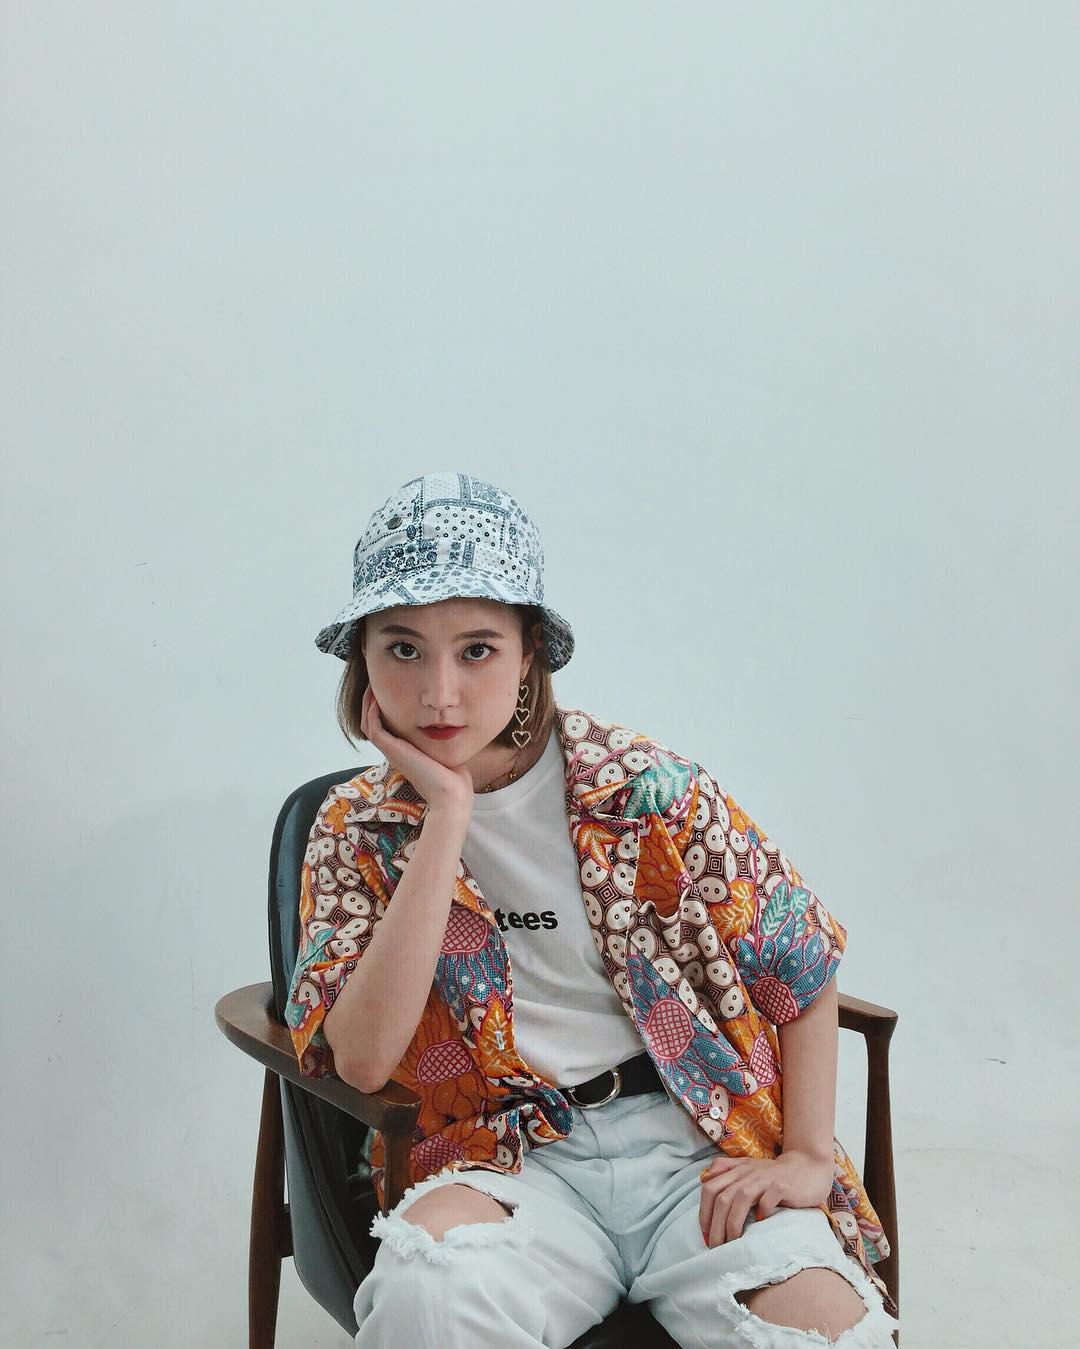 q2han mặc đẹp với xu hướng mũ tai bèo phong cách thơi trang oldschool retro